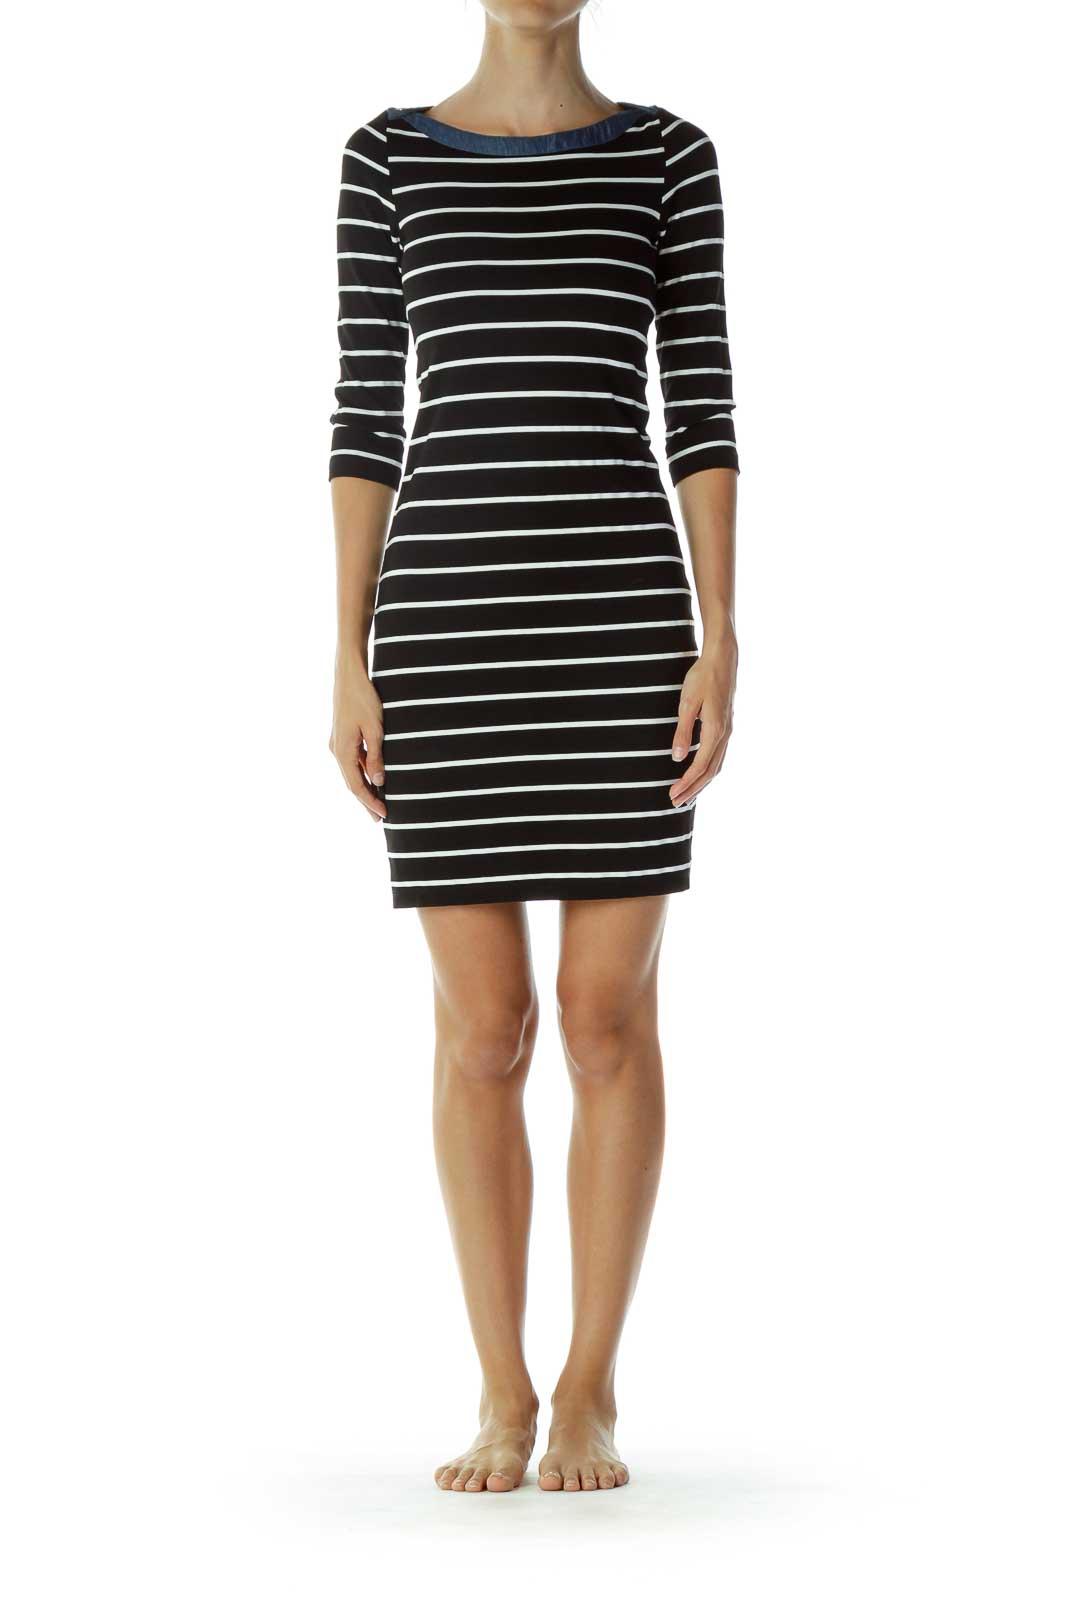 Black White Striped Day Dress